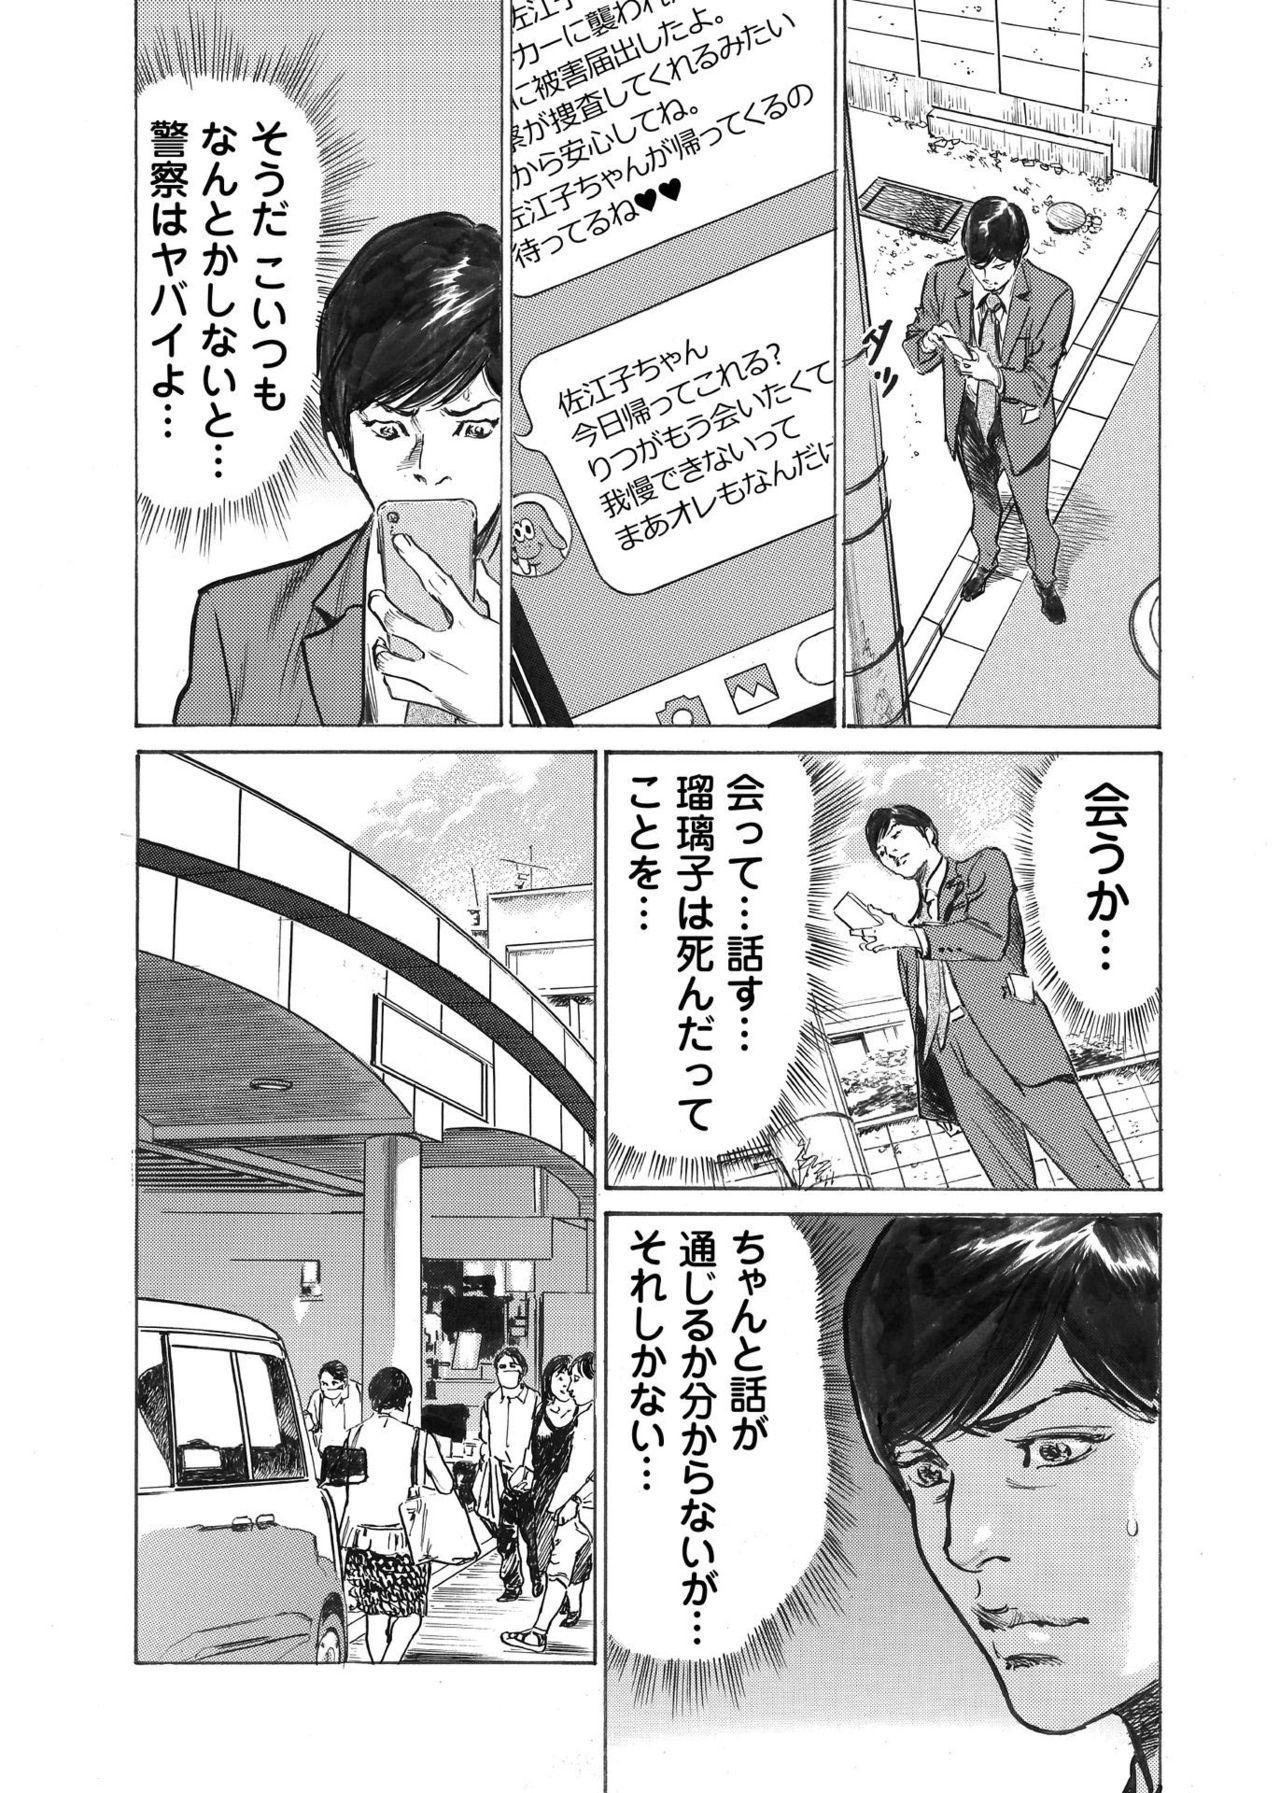 Ore wa Tsuma no Koto o Yoku Shiranai 1-9 158